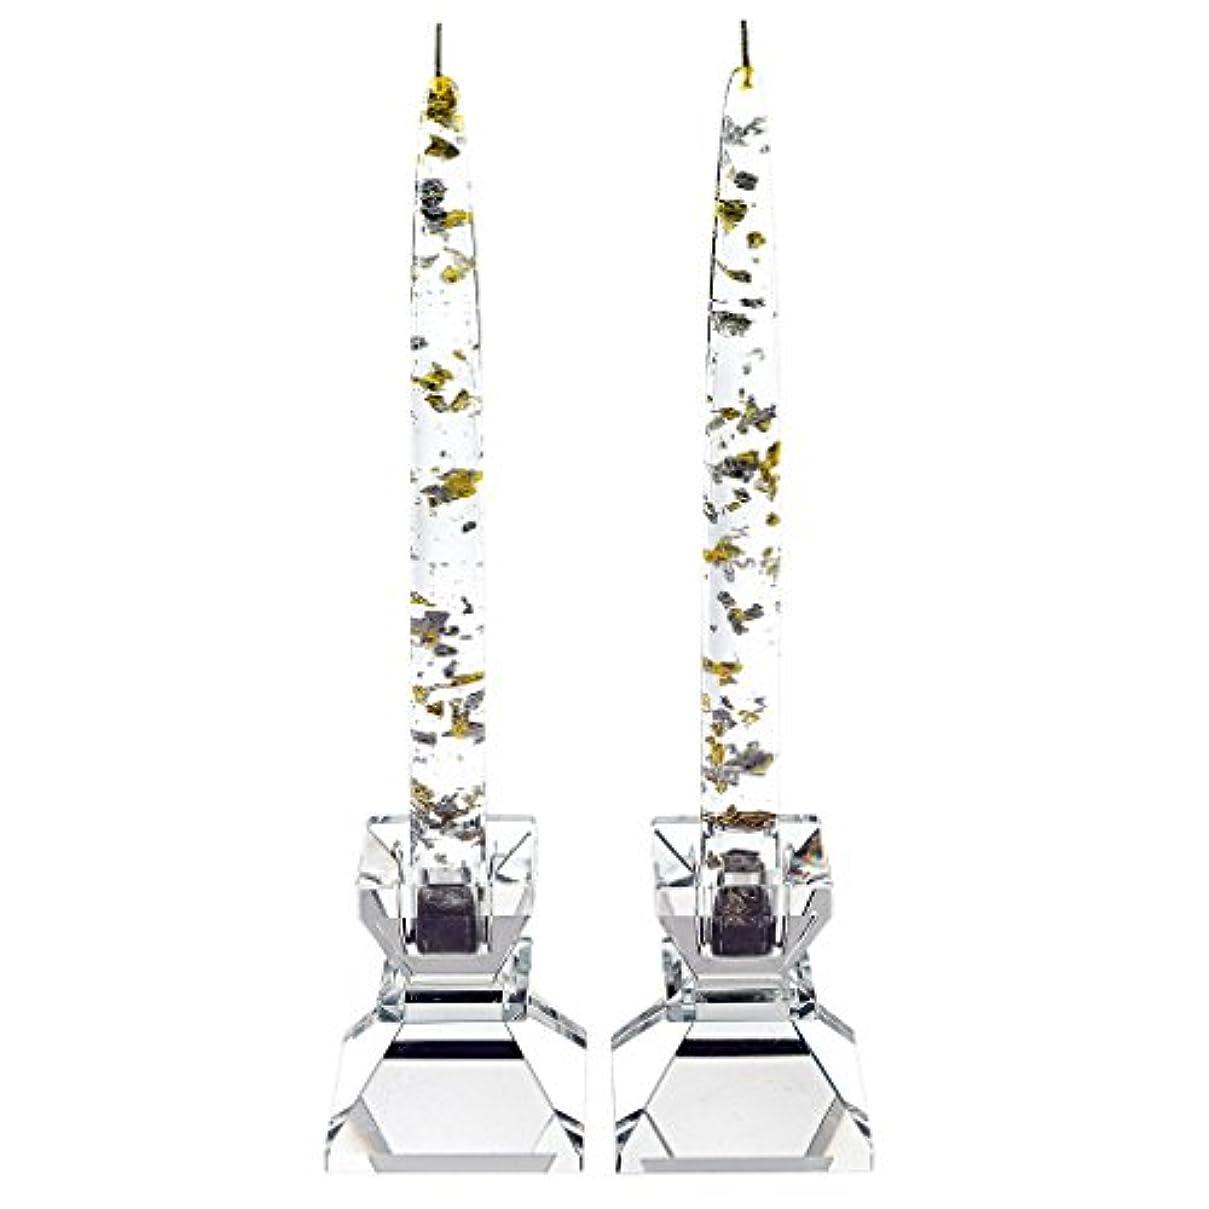 病気葉を拾う畝間Badash Crystal G120 SILVER - GOLD FLECK 10 in. CANDLE